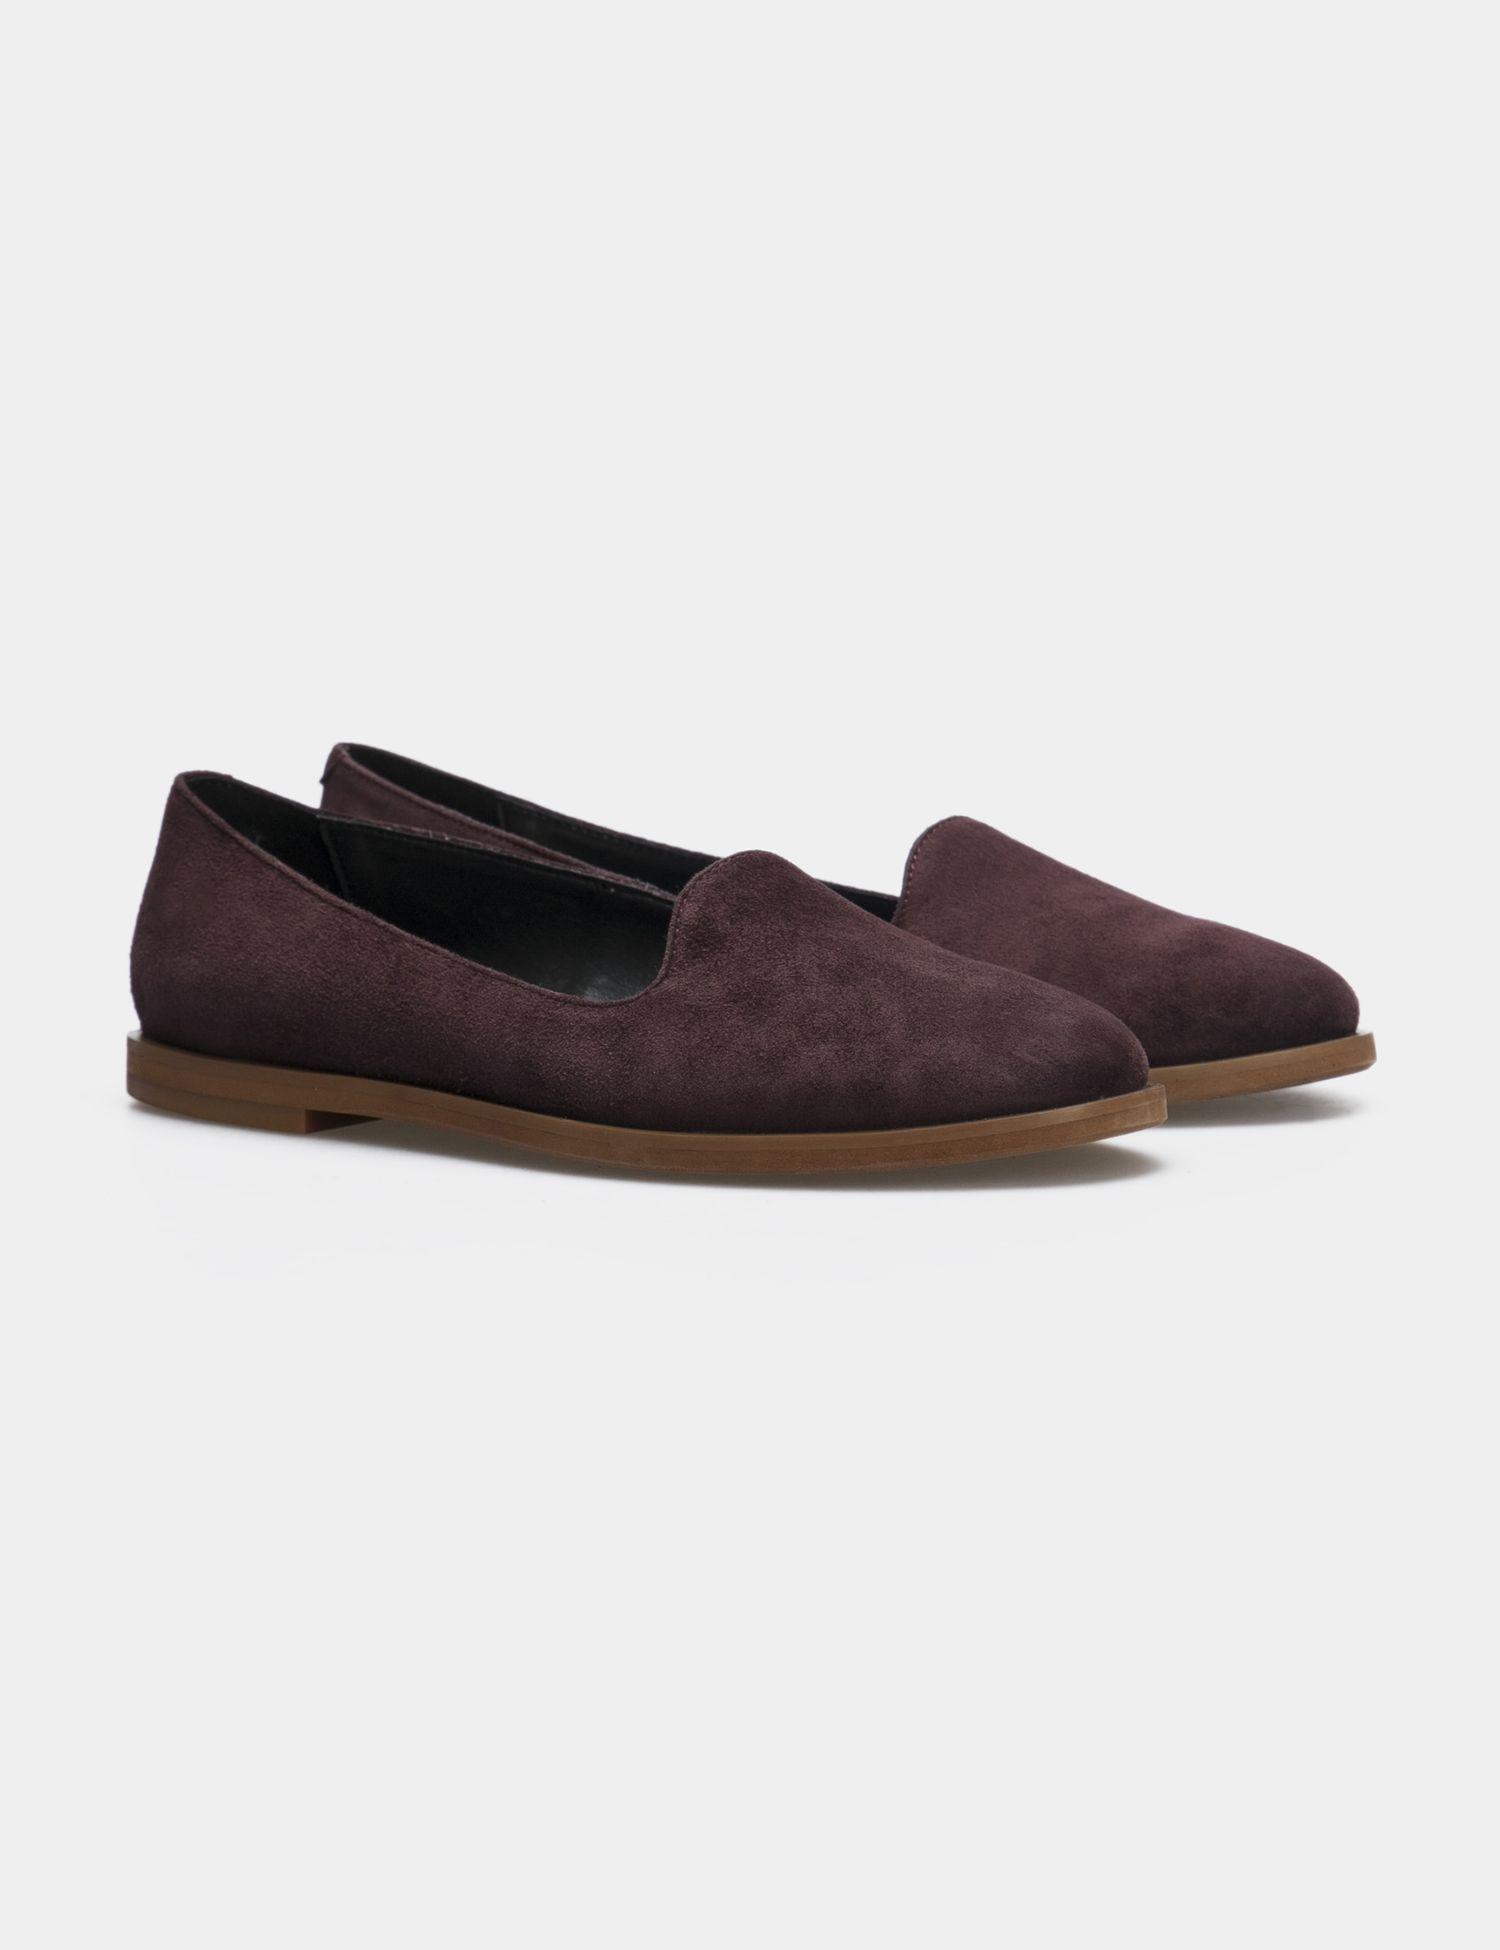 Балетки для женщин Слиперы 75896511 бордовая замша 75896511 брендовая обувь, 2017